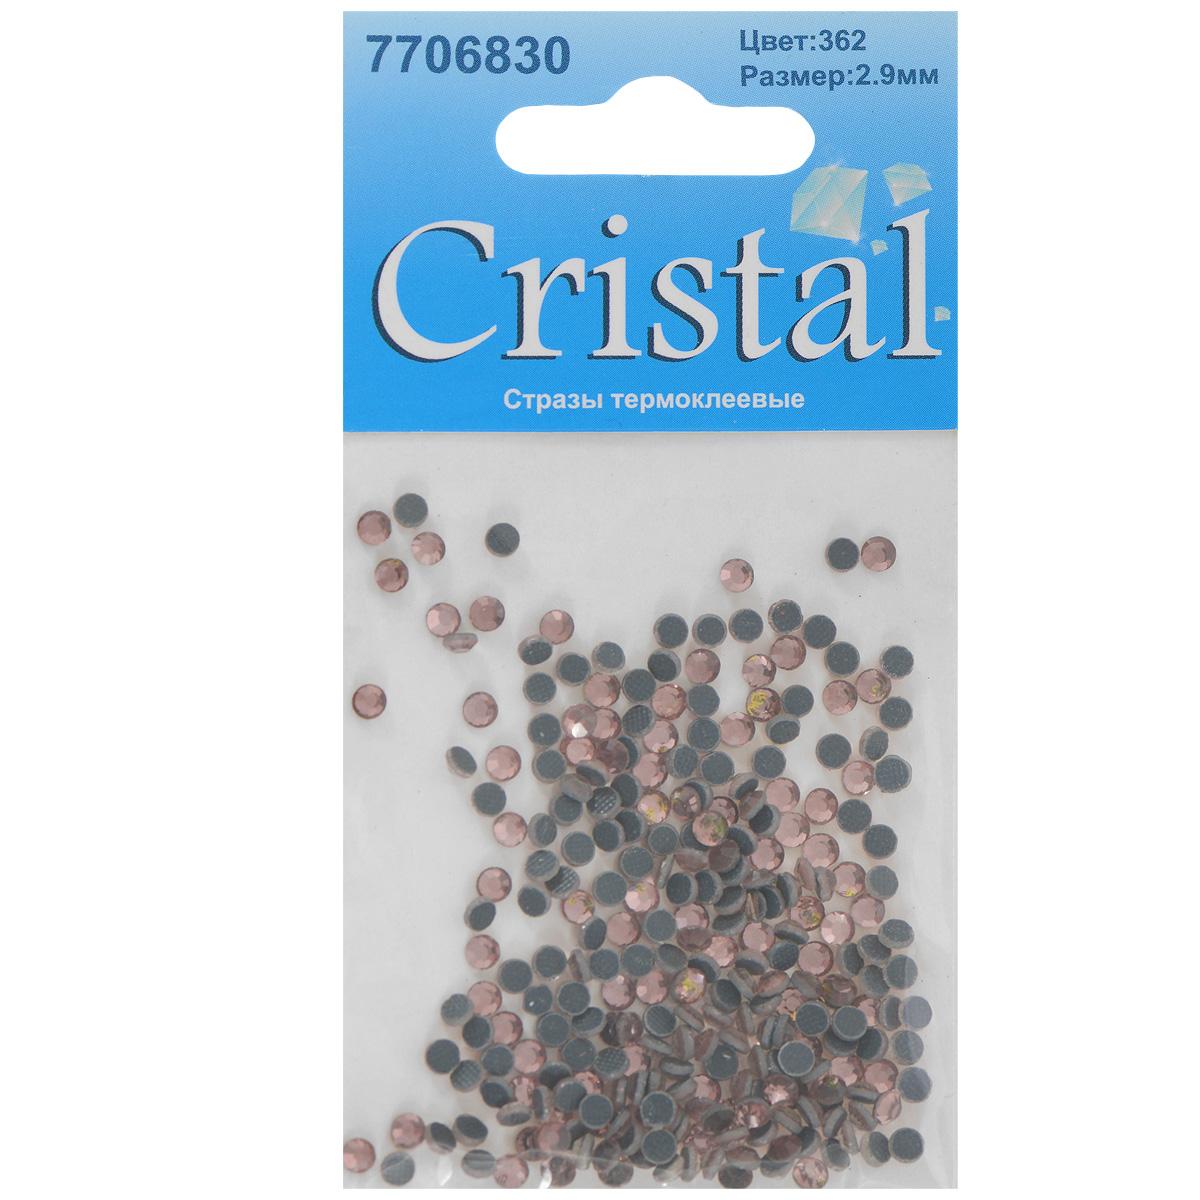 Стразы термоклеевые Cristal, цвет: светло-коралловый (362), диаметр 2,9 мм, 288 шт7706830_362Набор термоклеевых страз Cristal, изготовленный из высококачественного акрила, позволит вам украсить одежду, аксессуары или текстиль. Яркие стразы имеют плоское дно и круглую поверхность с гранями. Дно термоклеевых страз уже обработано особым клеем, который под воздействием высоких температур начинает плавиться, приклеиваясь, таким образом, к требуемой поверхности. Чаще всего их используют в текстильной промышленности: стразы прикладывают к ткани и проглаживают утюгом с обратной стороны. Также можно использовать специальный паяльник. Украшение стразами поможет сделать любую вещь оригинальной и неповторимой. Диаметр страз: 2,9 мм.